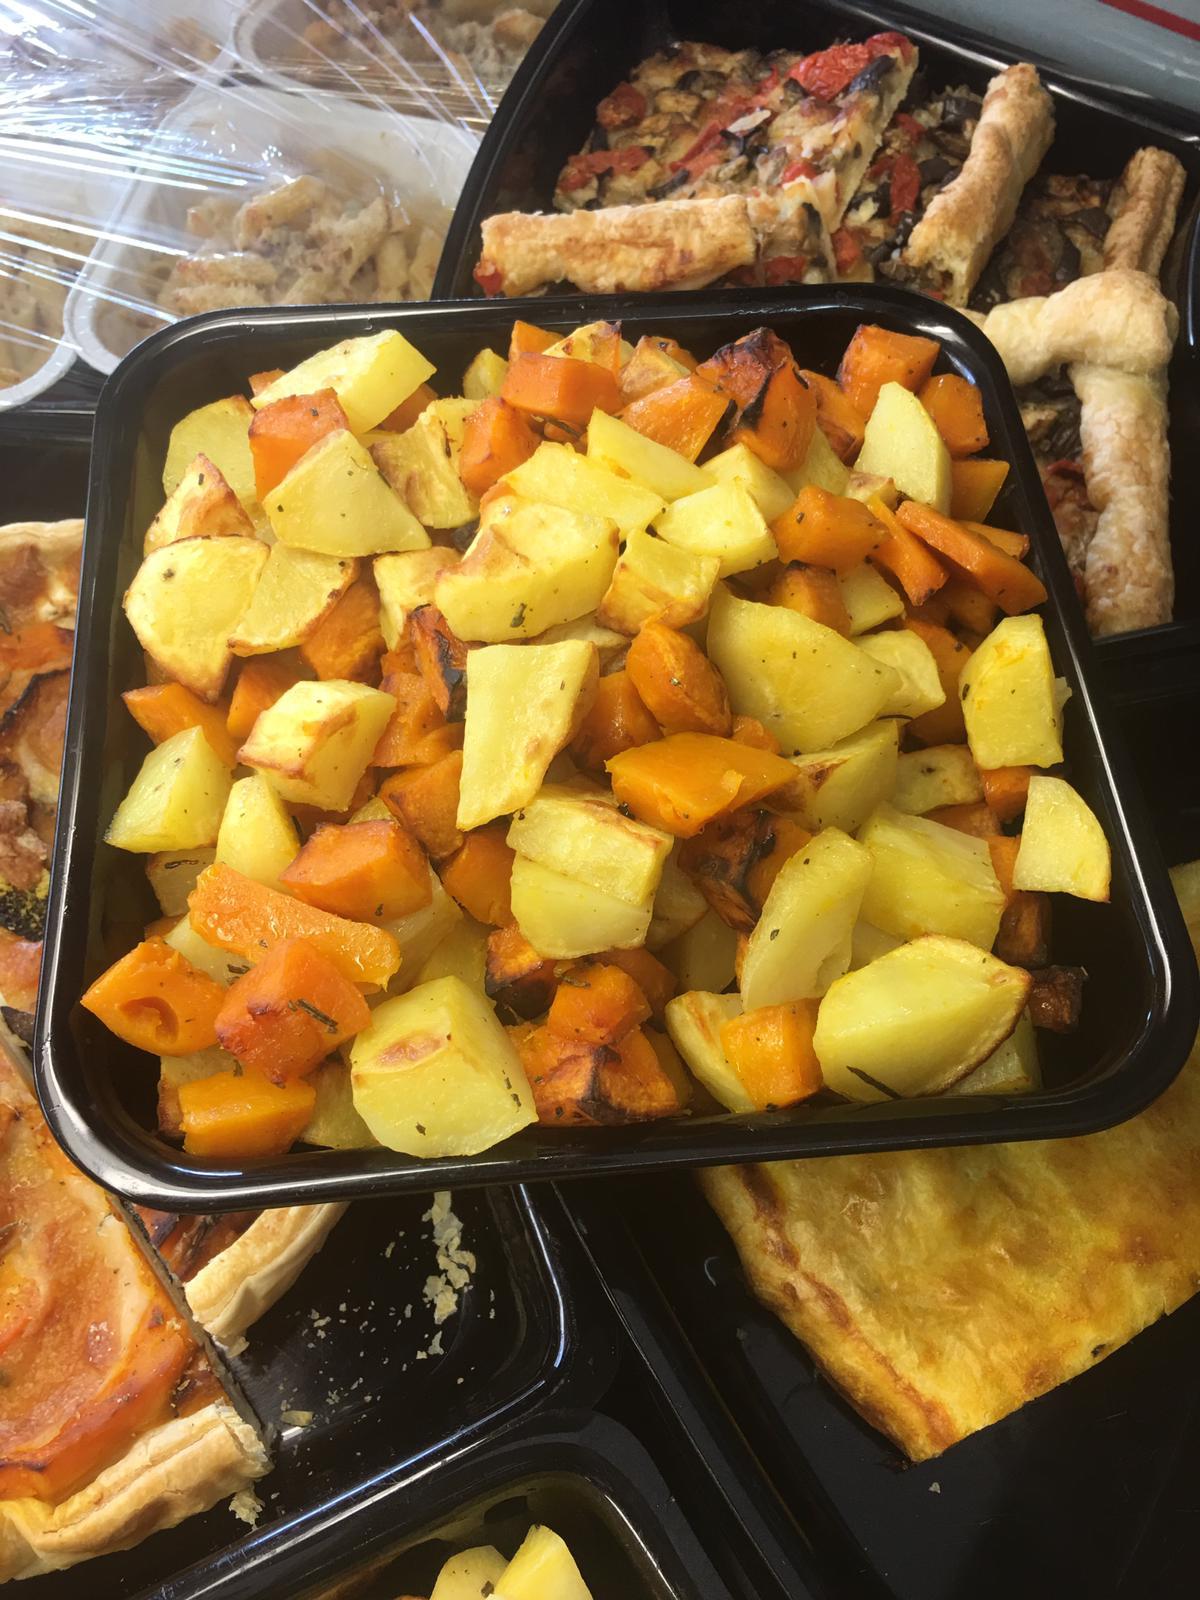 Da 'La Fruttivendola' frutta e verdura di qualità, fresca e anche cucinata